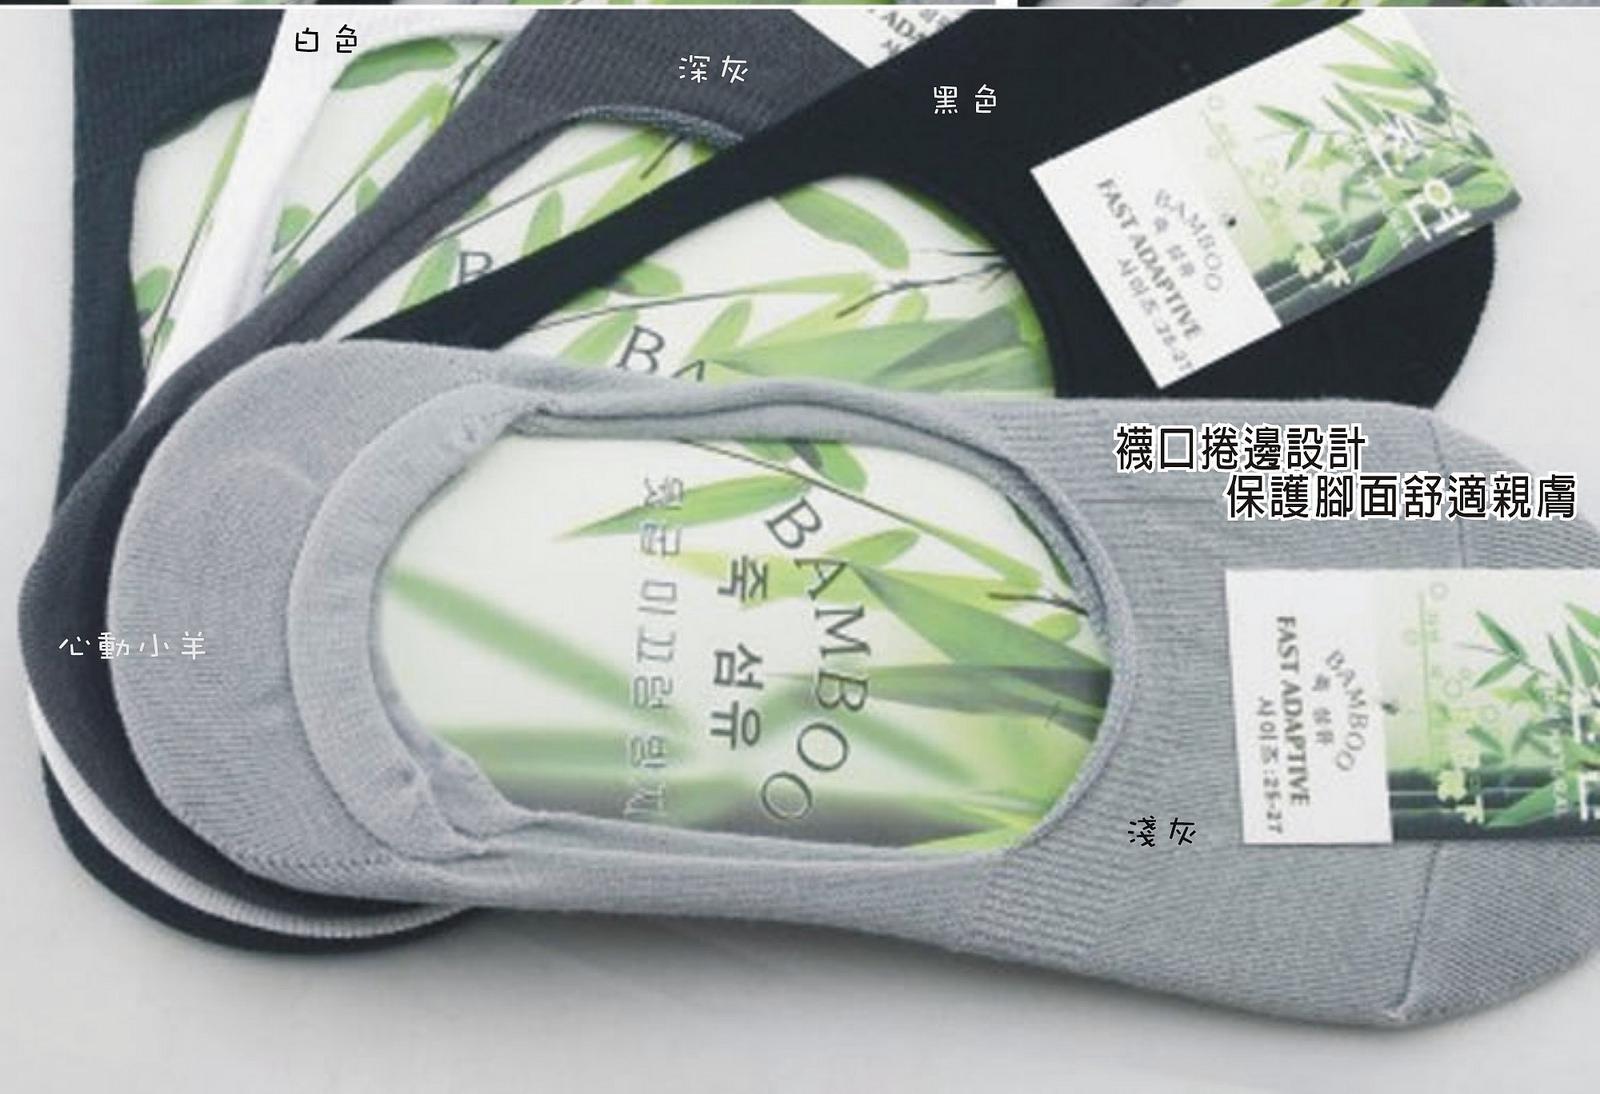 心動小羊^^豆豆鞋竹纖維男襪、隱形襪淺口襪、船襪、運動襪-超低-黑灰白任選